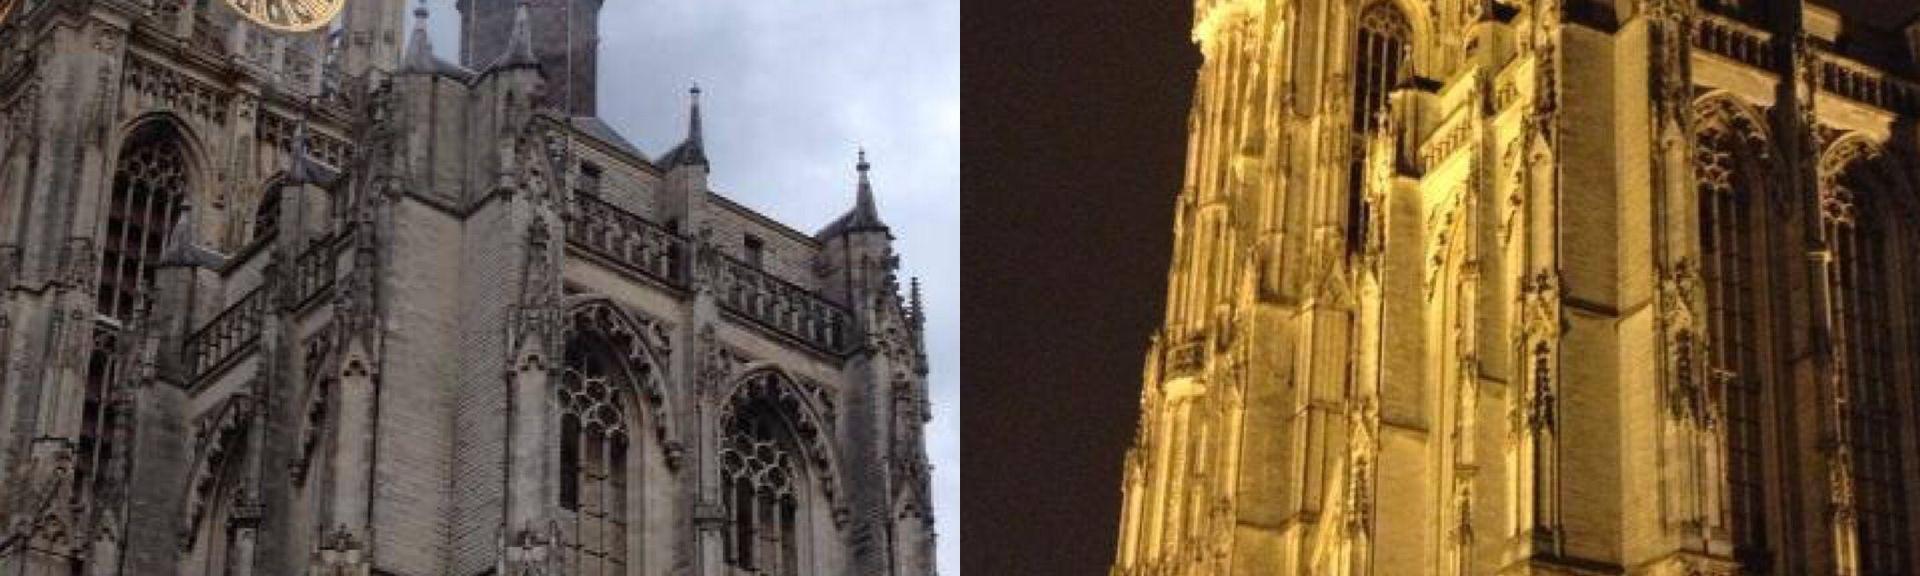 Antwerpen Zuid, Antwerpen, Vlaanderen, België